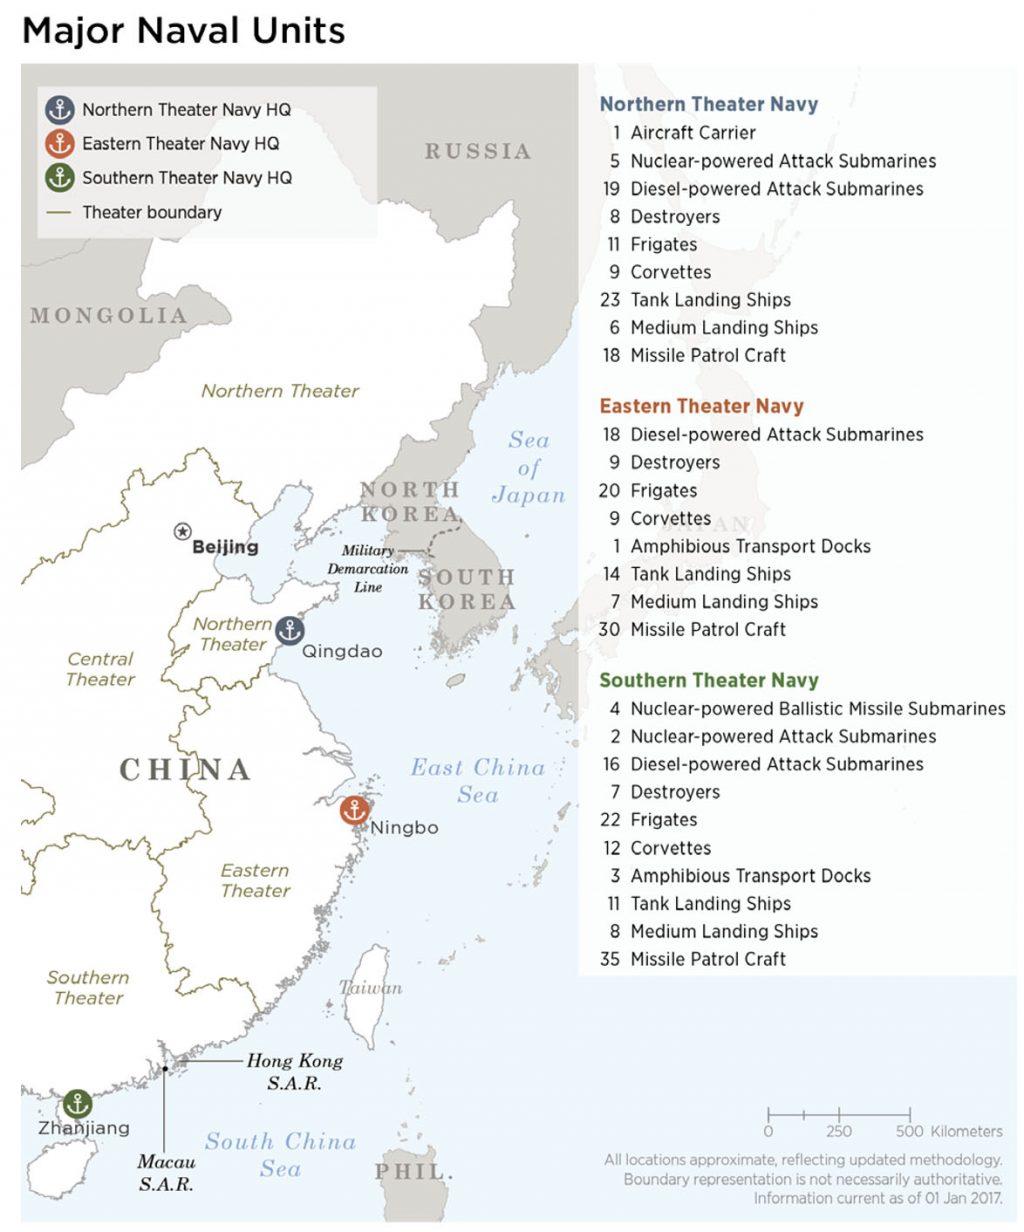 Principais unidades navais da China e suas bases